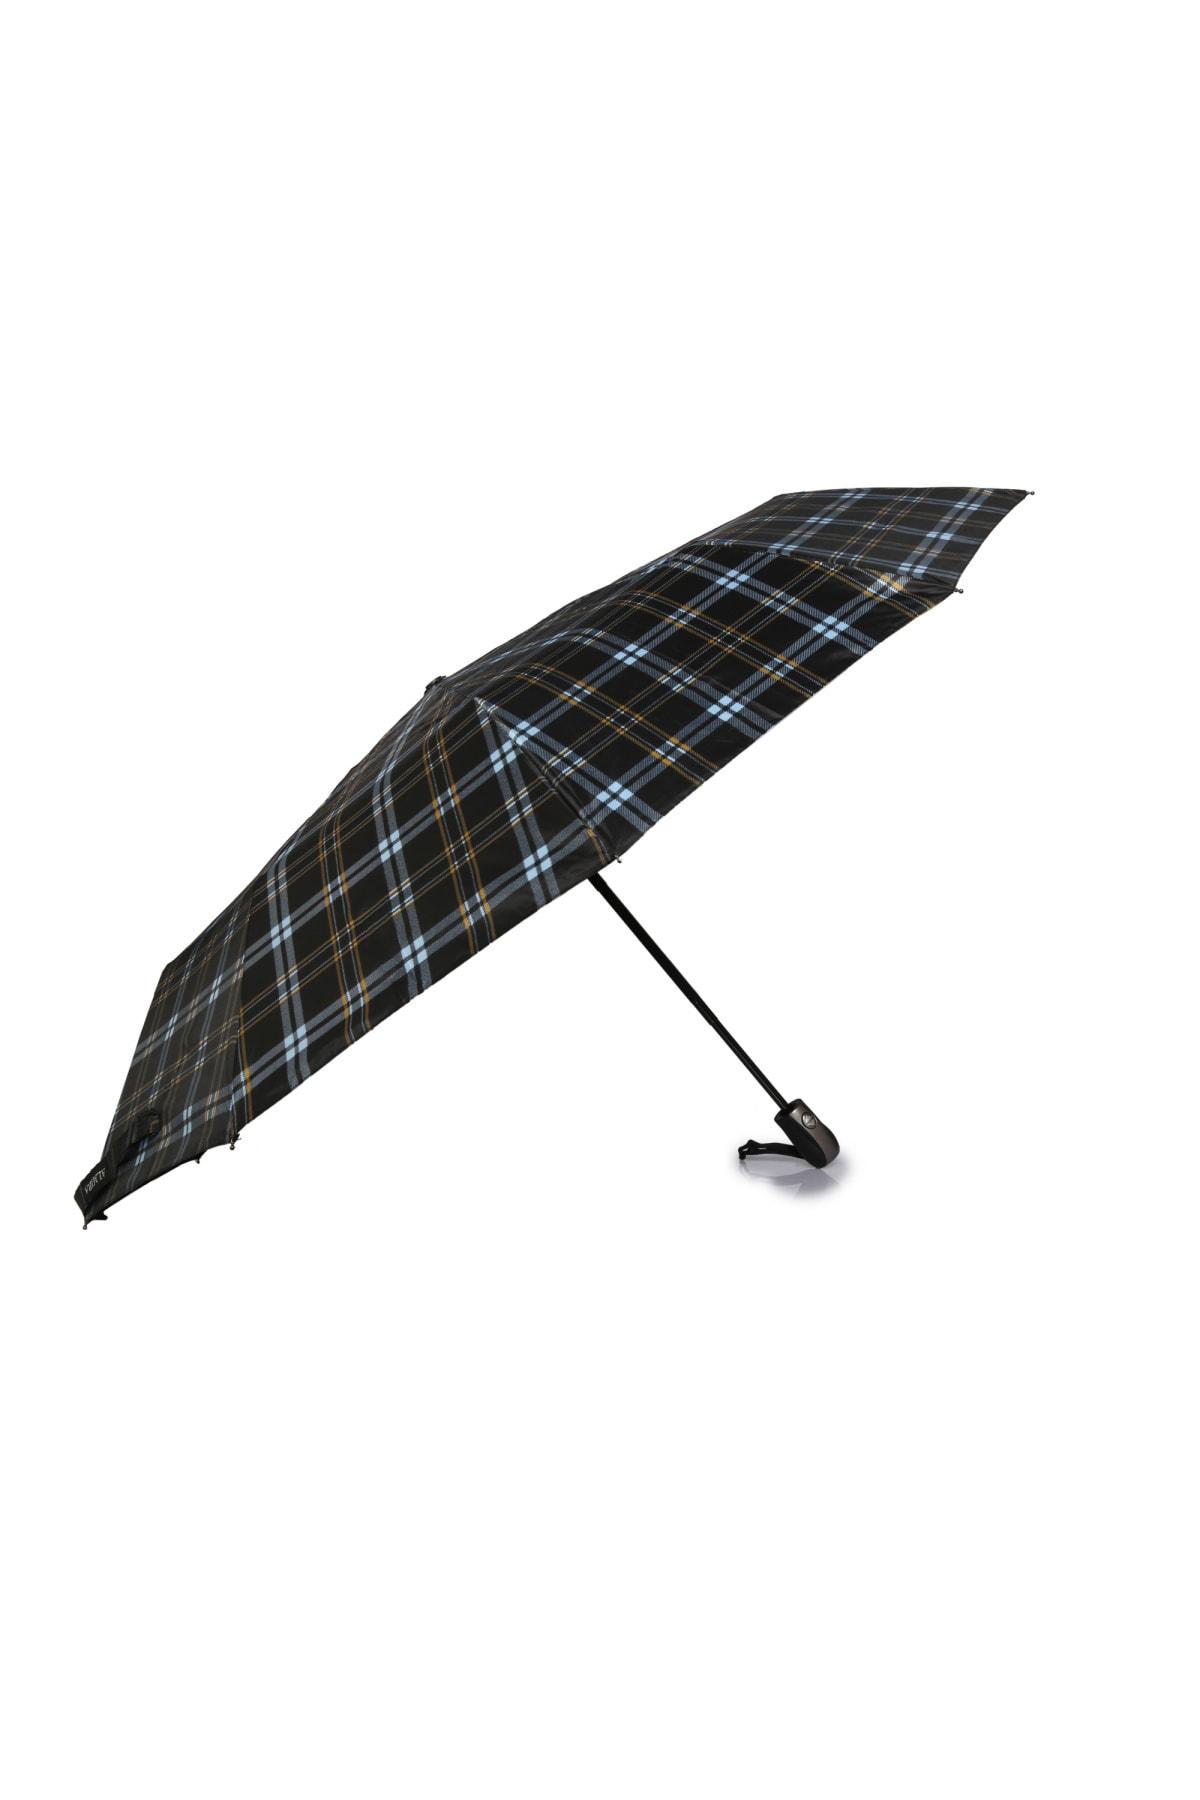 Almera Otomatik Şemsiye 1